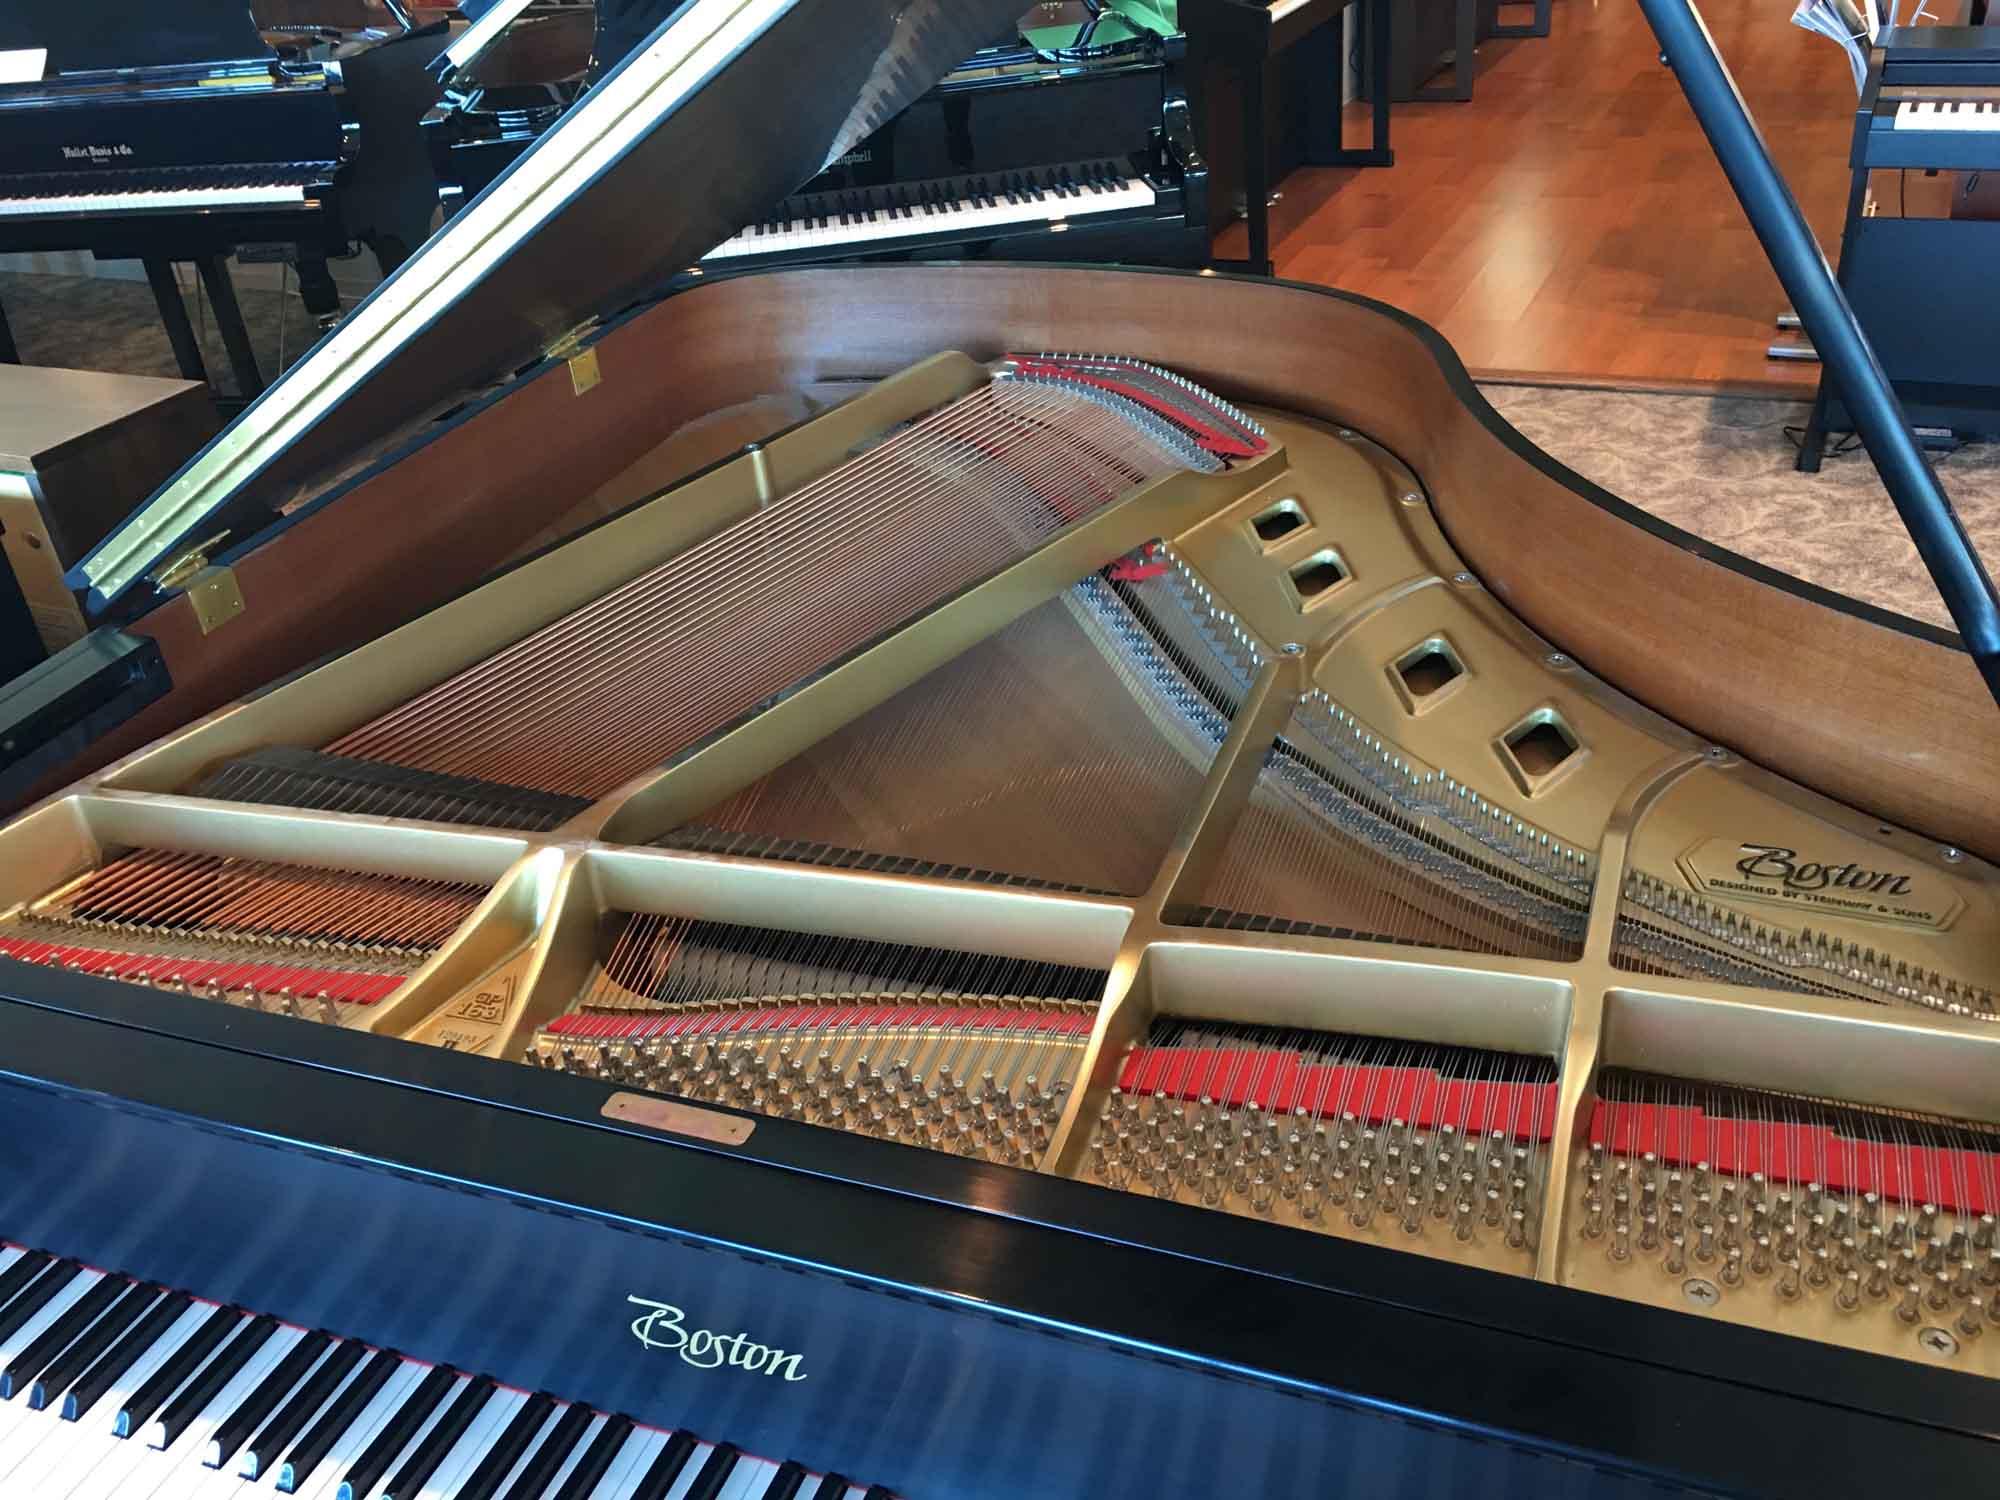 1999 Boston GP163 Used Grand Piano